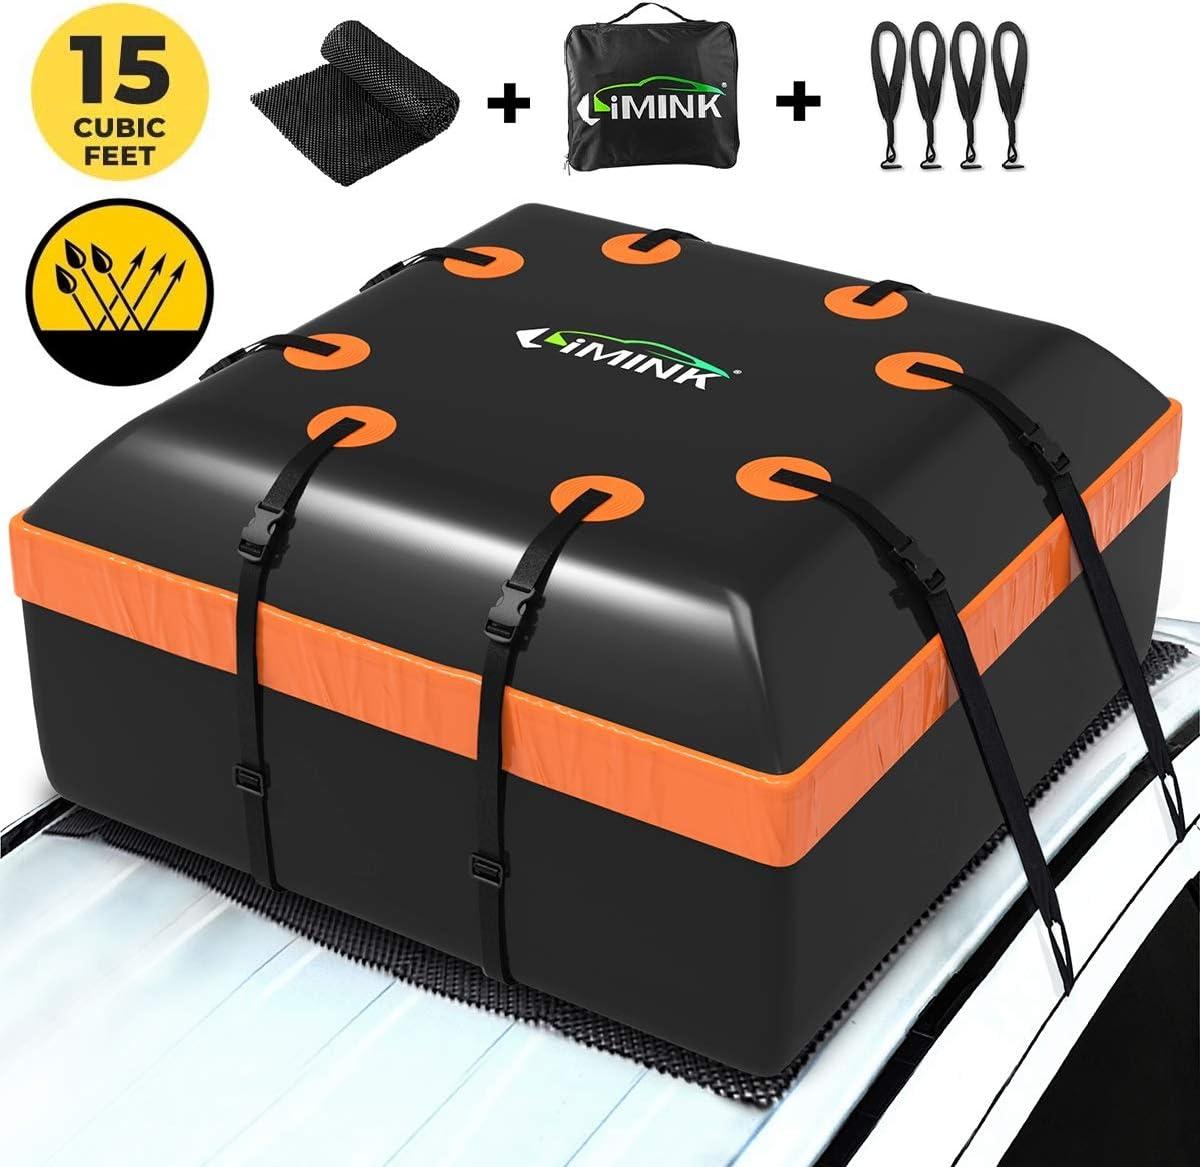 LIMINK - Portaequipajes para coche resistente al agua, plegable, con alfombrilla antideslizante + 4 ganchos para puertas, adecuado para todos los vehículos con/sin portaequipajes, 15 pies cúbicos